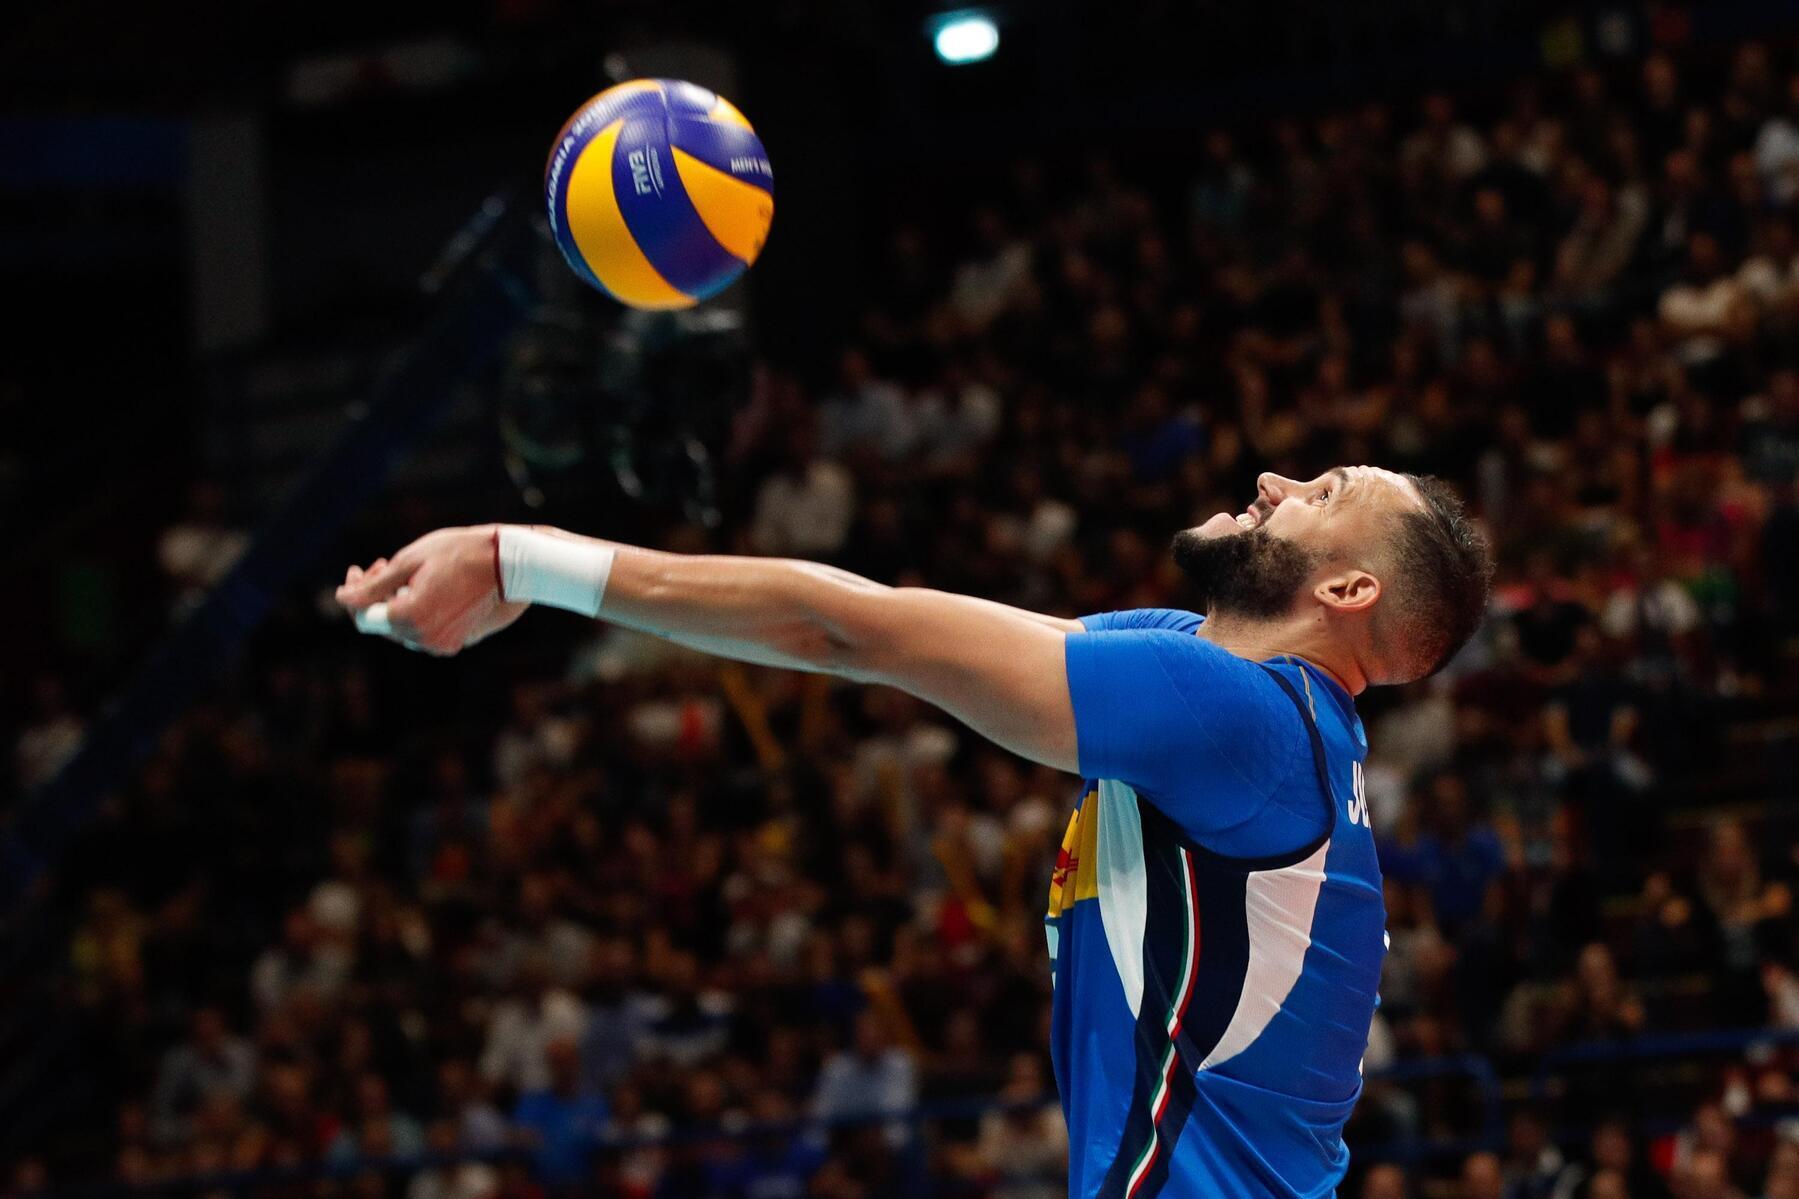 Olimpiadi di Tokyo lItalia del volley batte anche il Venezuela nonostante le assenze importanti azzurri 2° dietro la Polonia